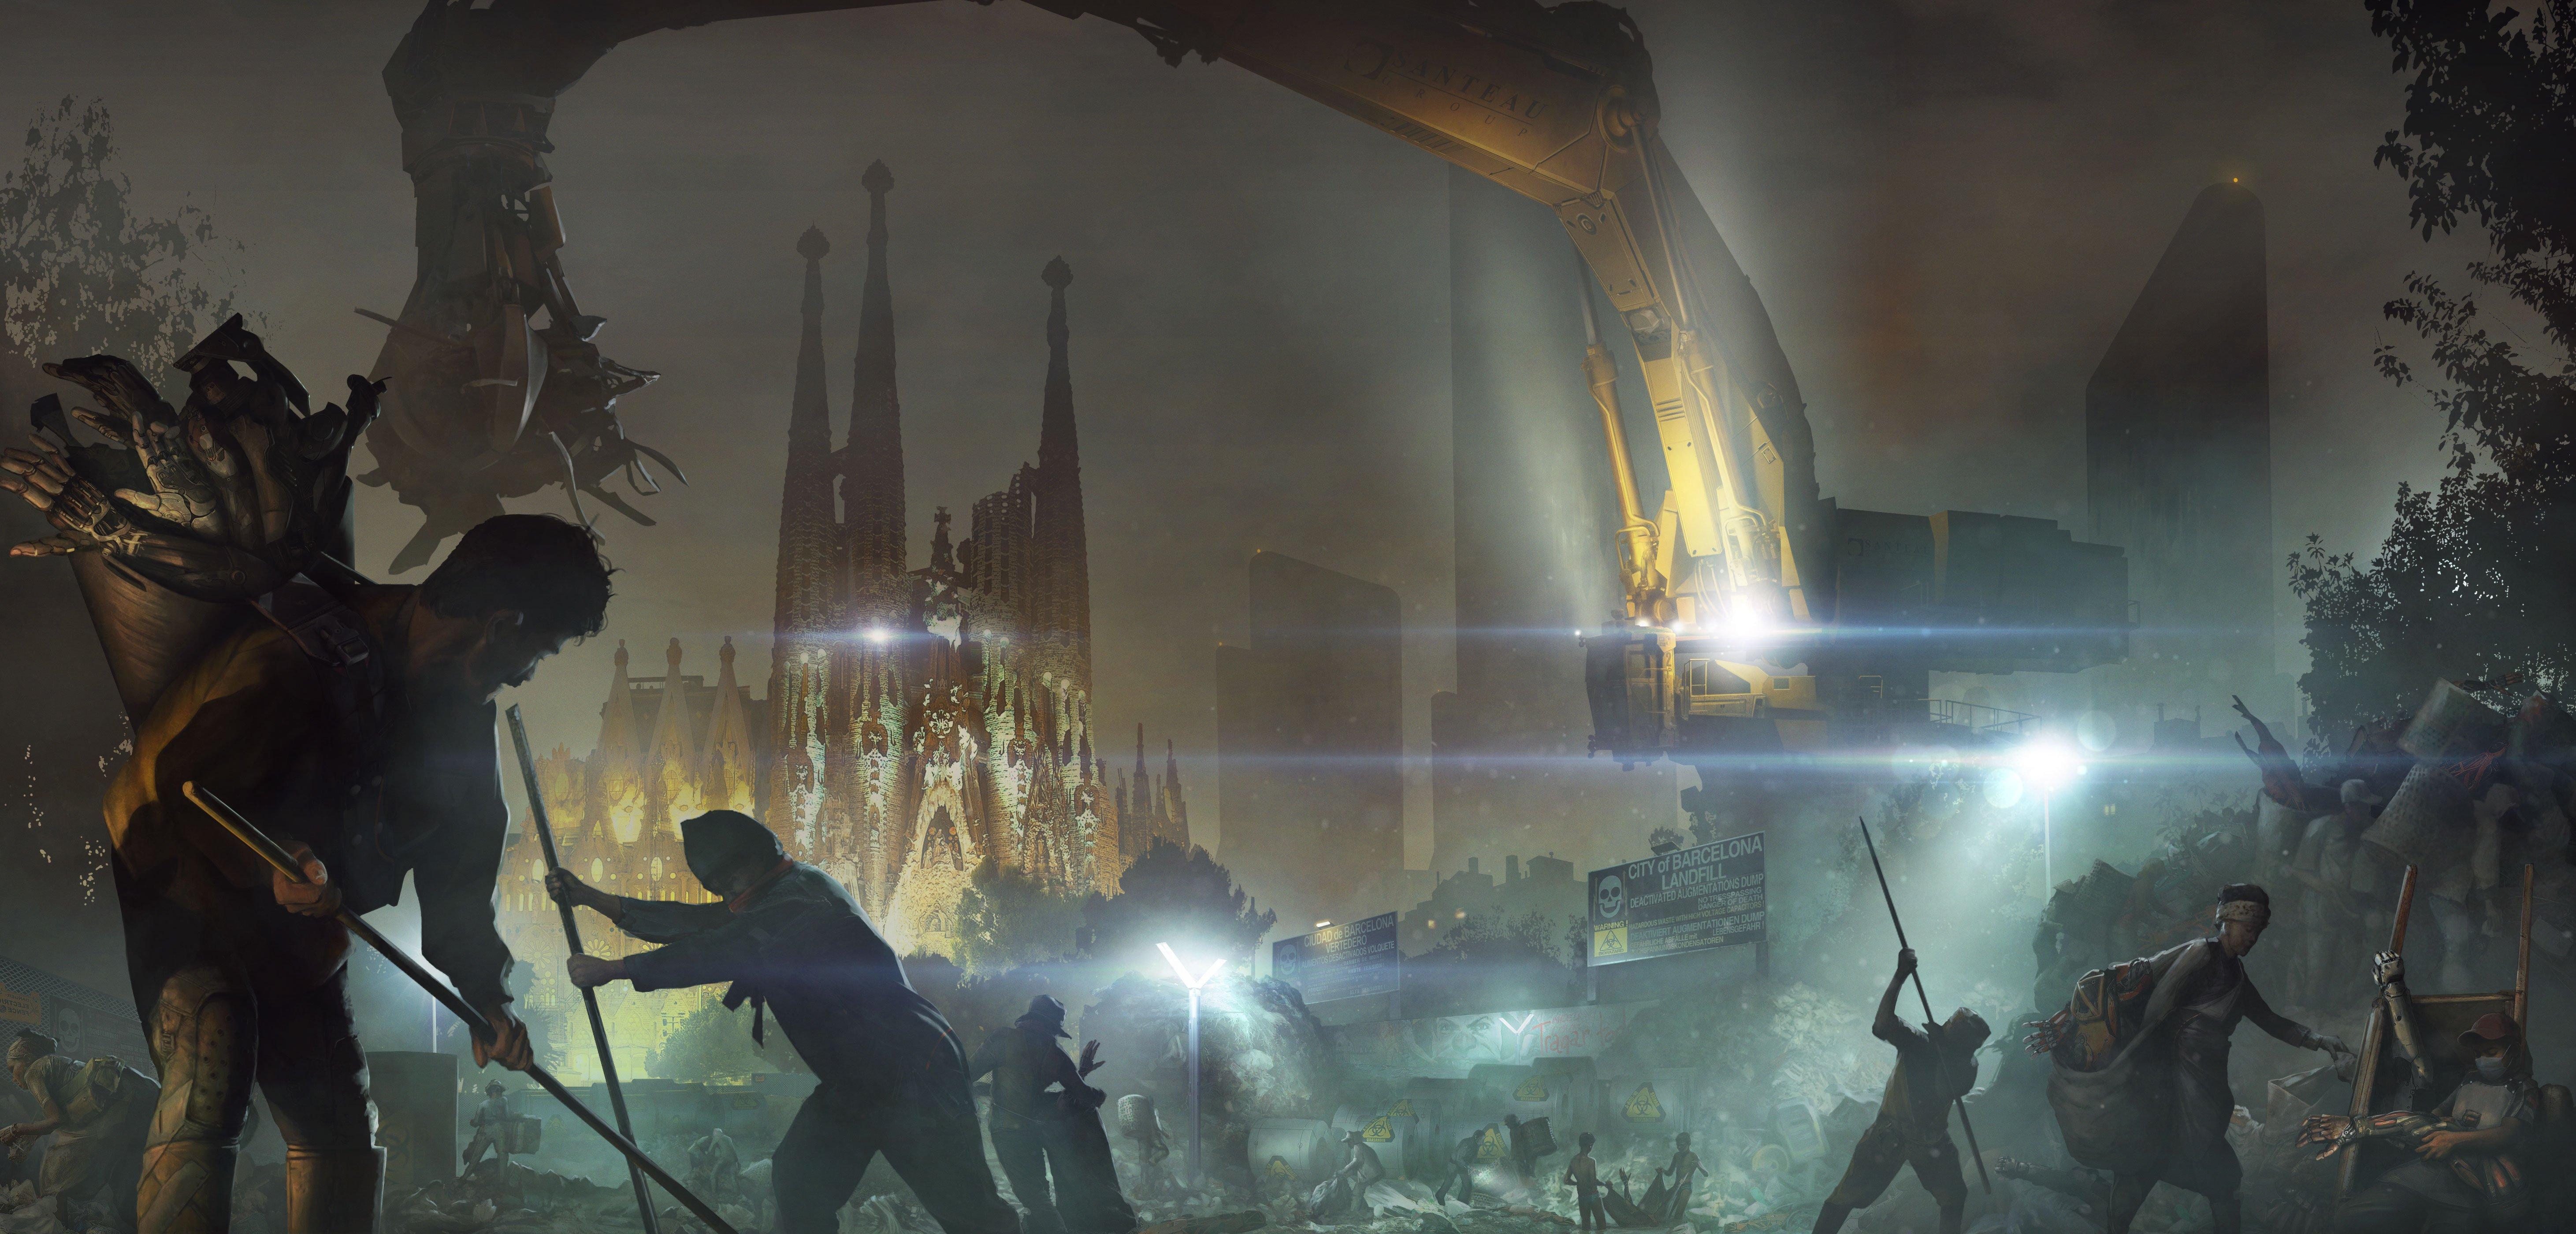 Города 2029 - Deus Ex: Mankind Divided  - Изображение 3